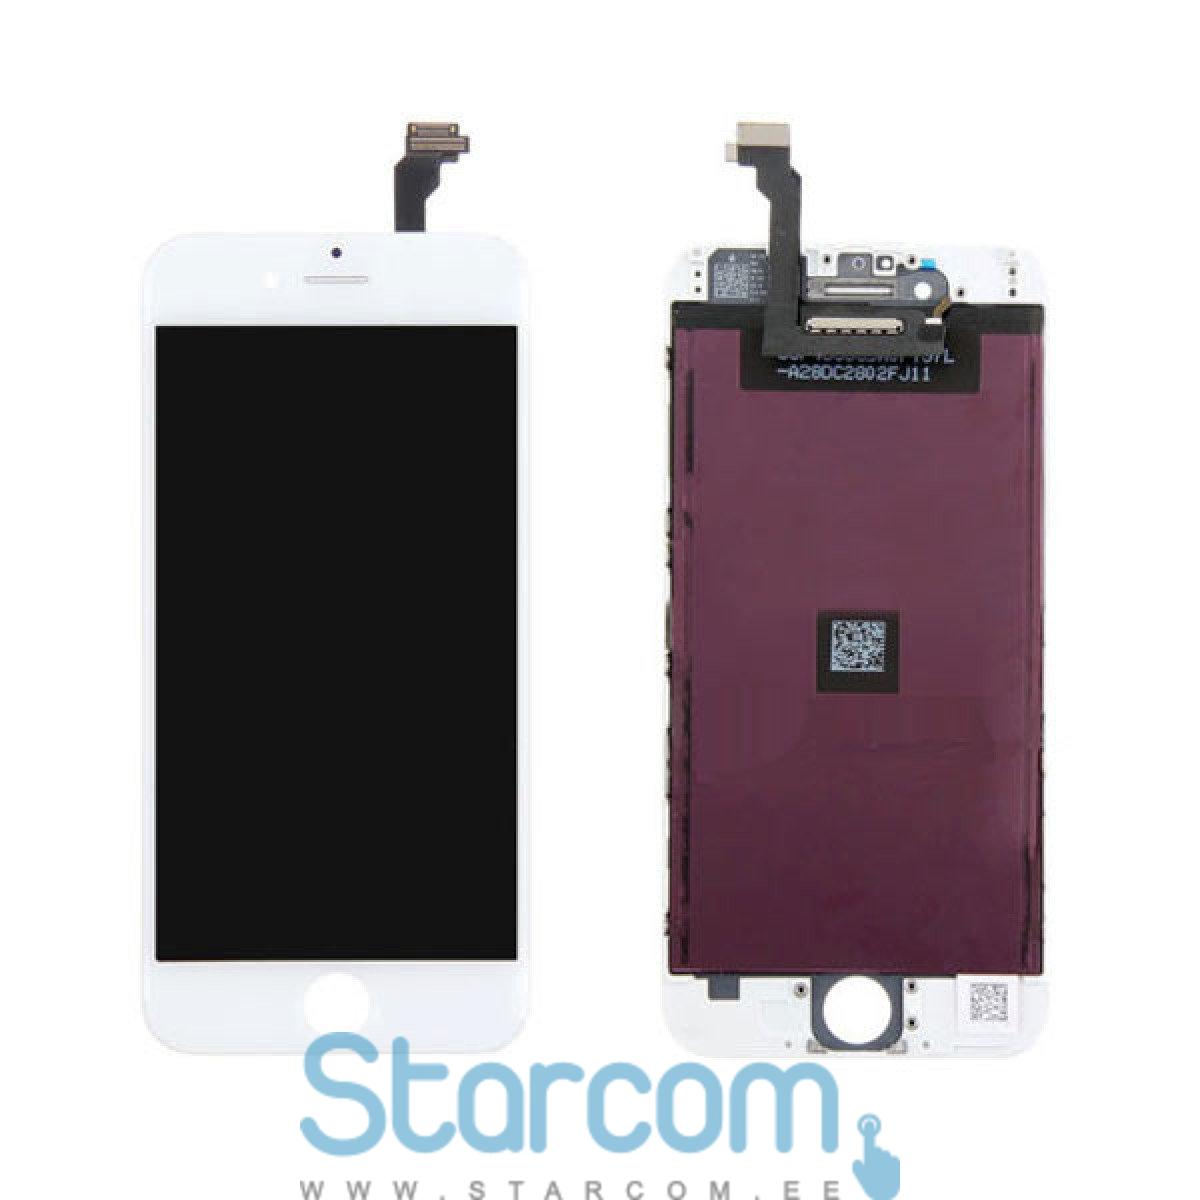 92fbad87047 Apple iPhone 6s plus puutetundlik klaas ja LCD ekraan valge